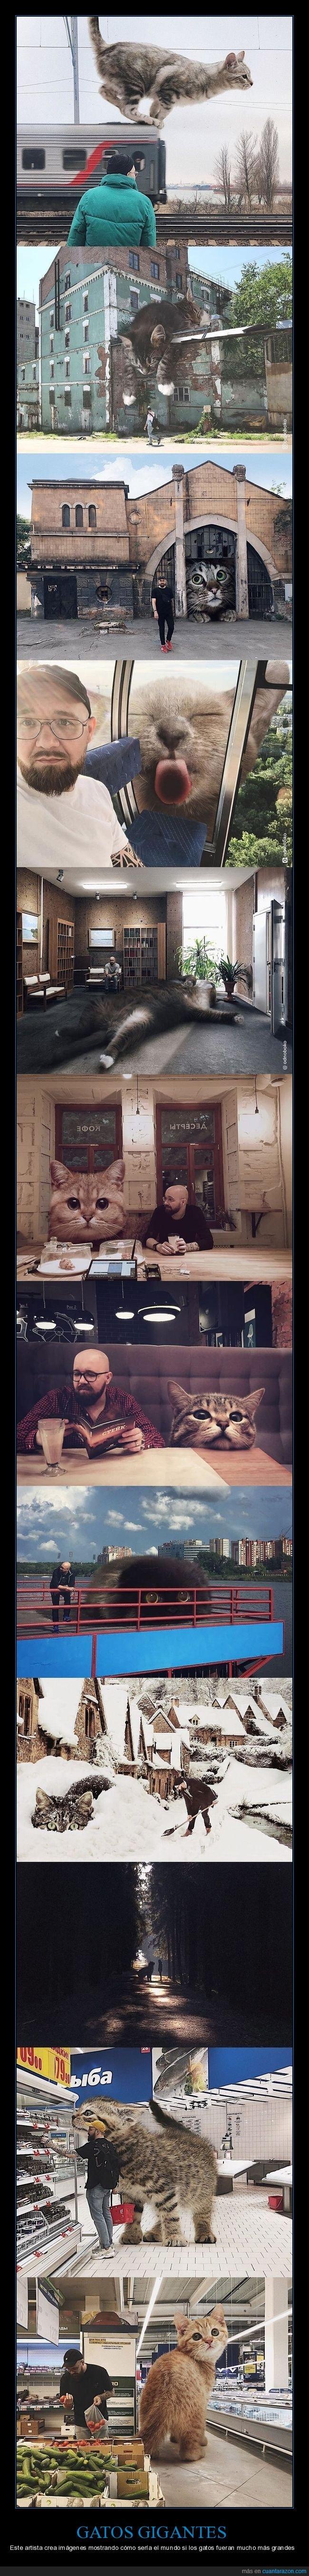 andrey scherbak,gatos,gigantes